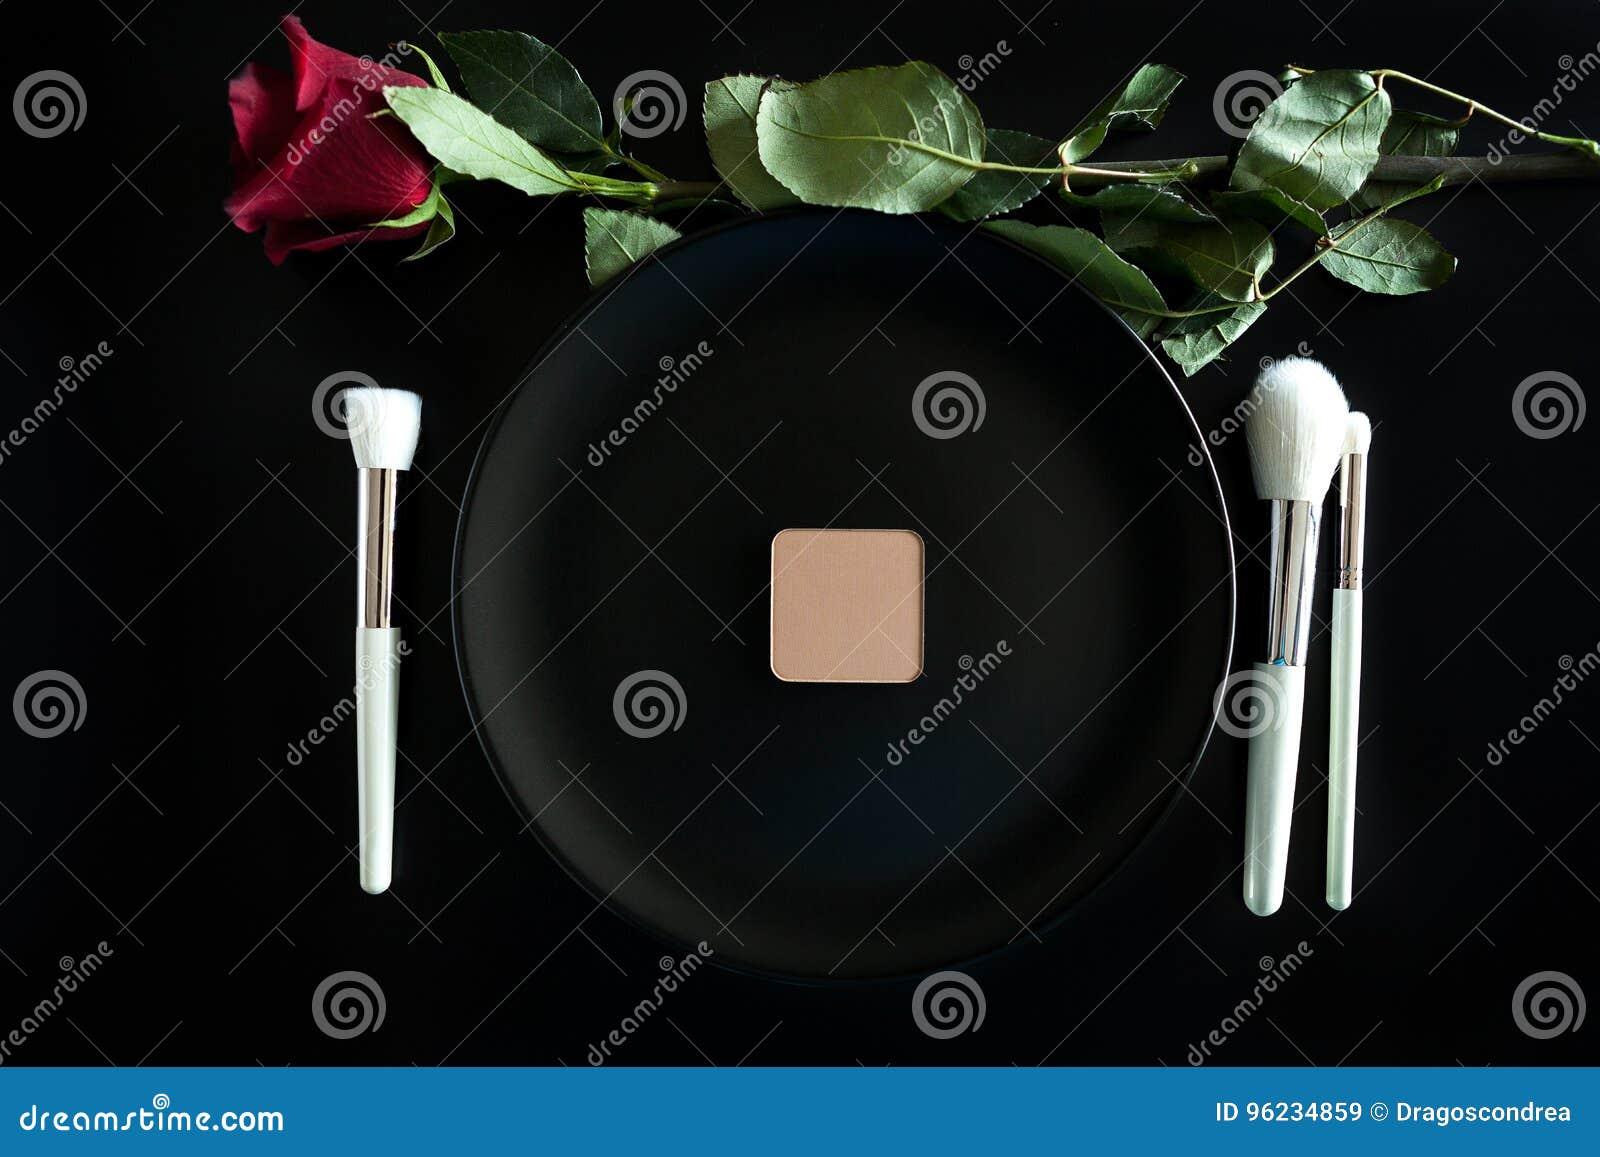 L image conceptuelle de composent des brosses à côté du plat de dîner